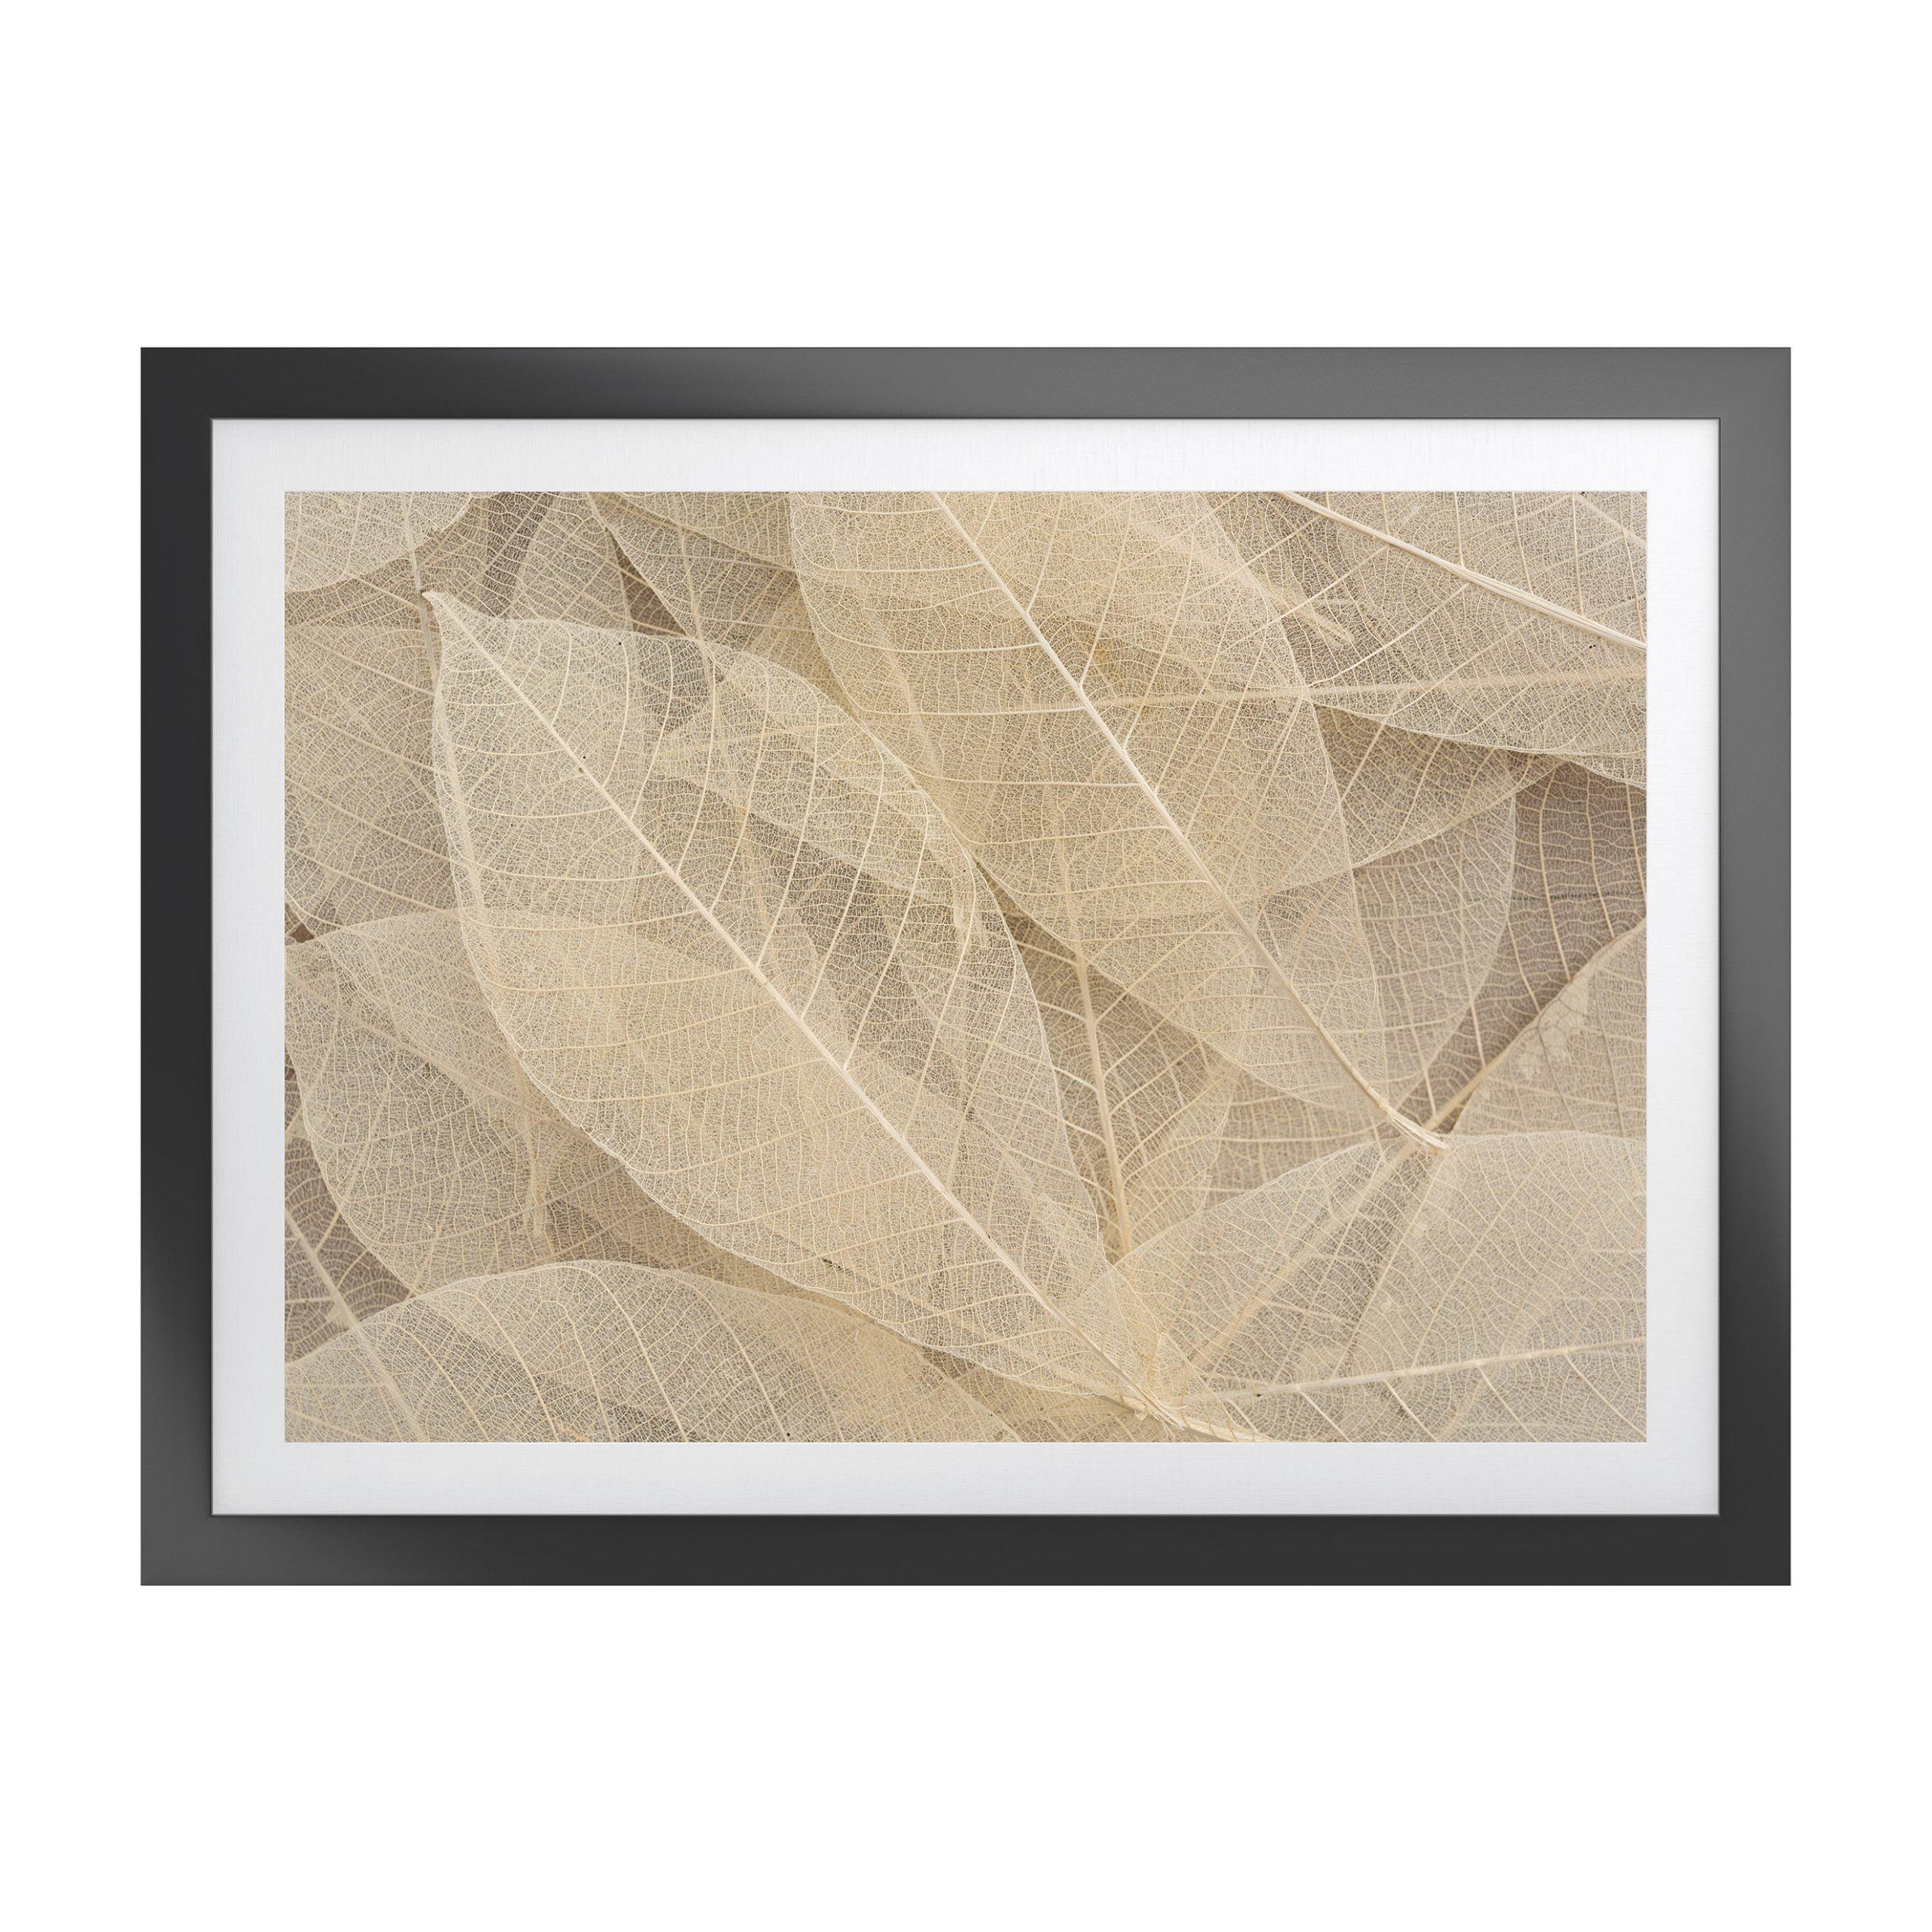 Woodspring Artwork with Fornari Black Frame